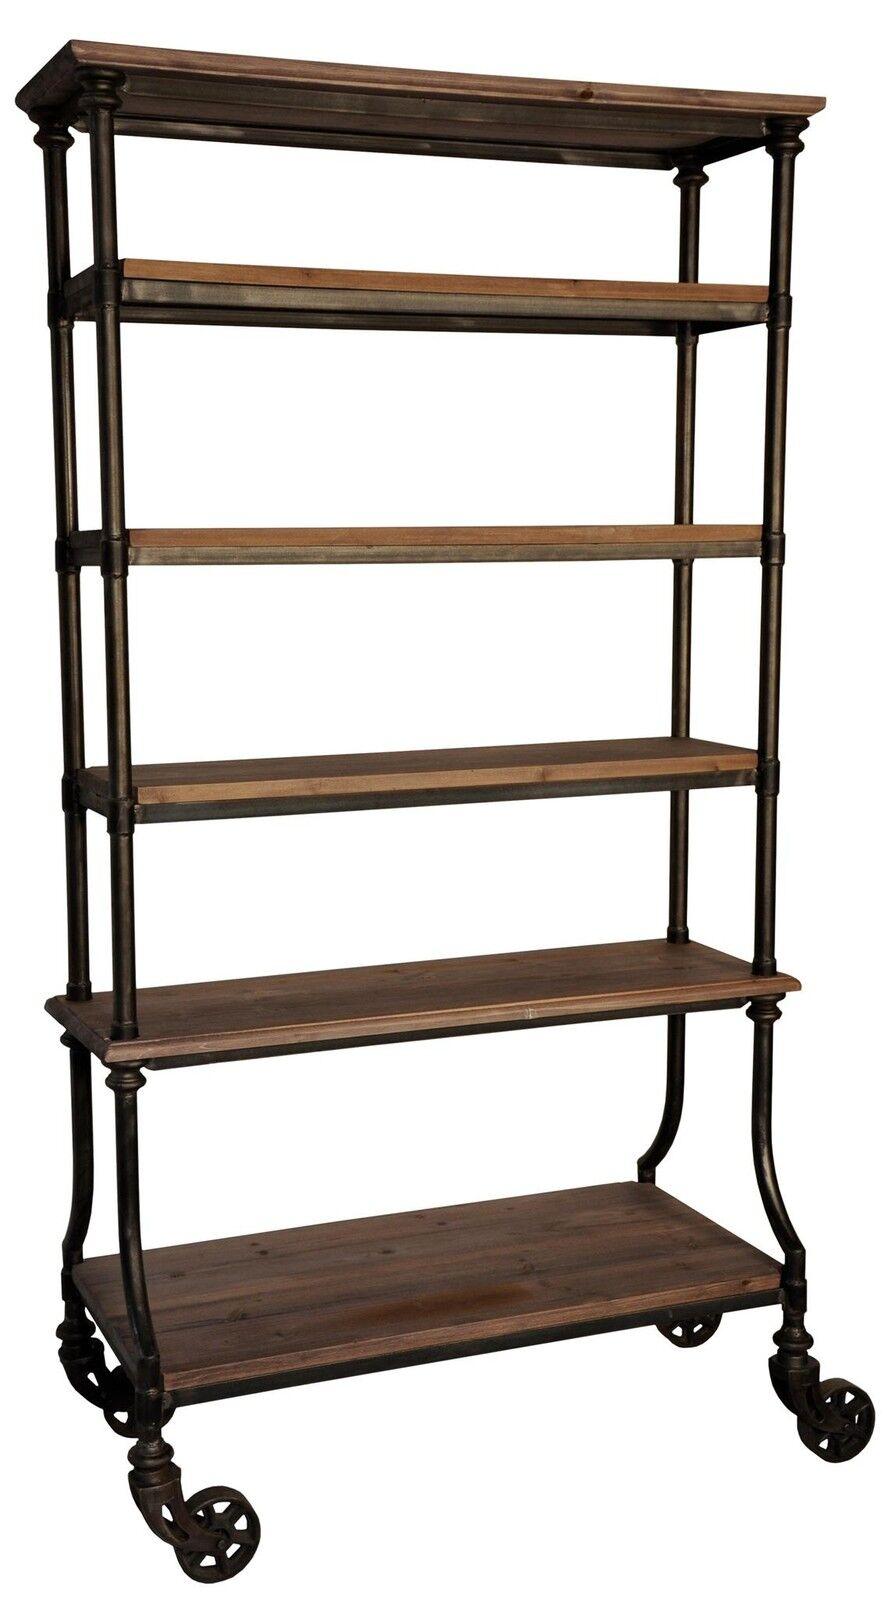 industrial shelving deals on 1001 blocks. Black Bedroom Furniture Sets. Home Design Ideas